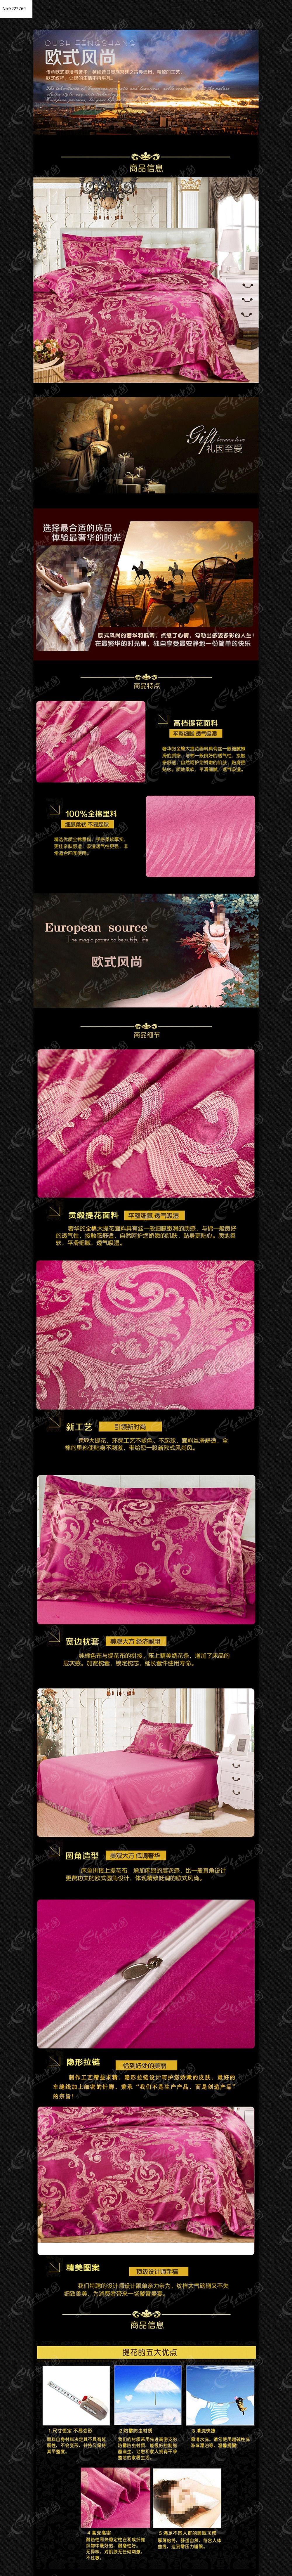 淘宝家纺详情页细节PSD设计模板图片